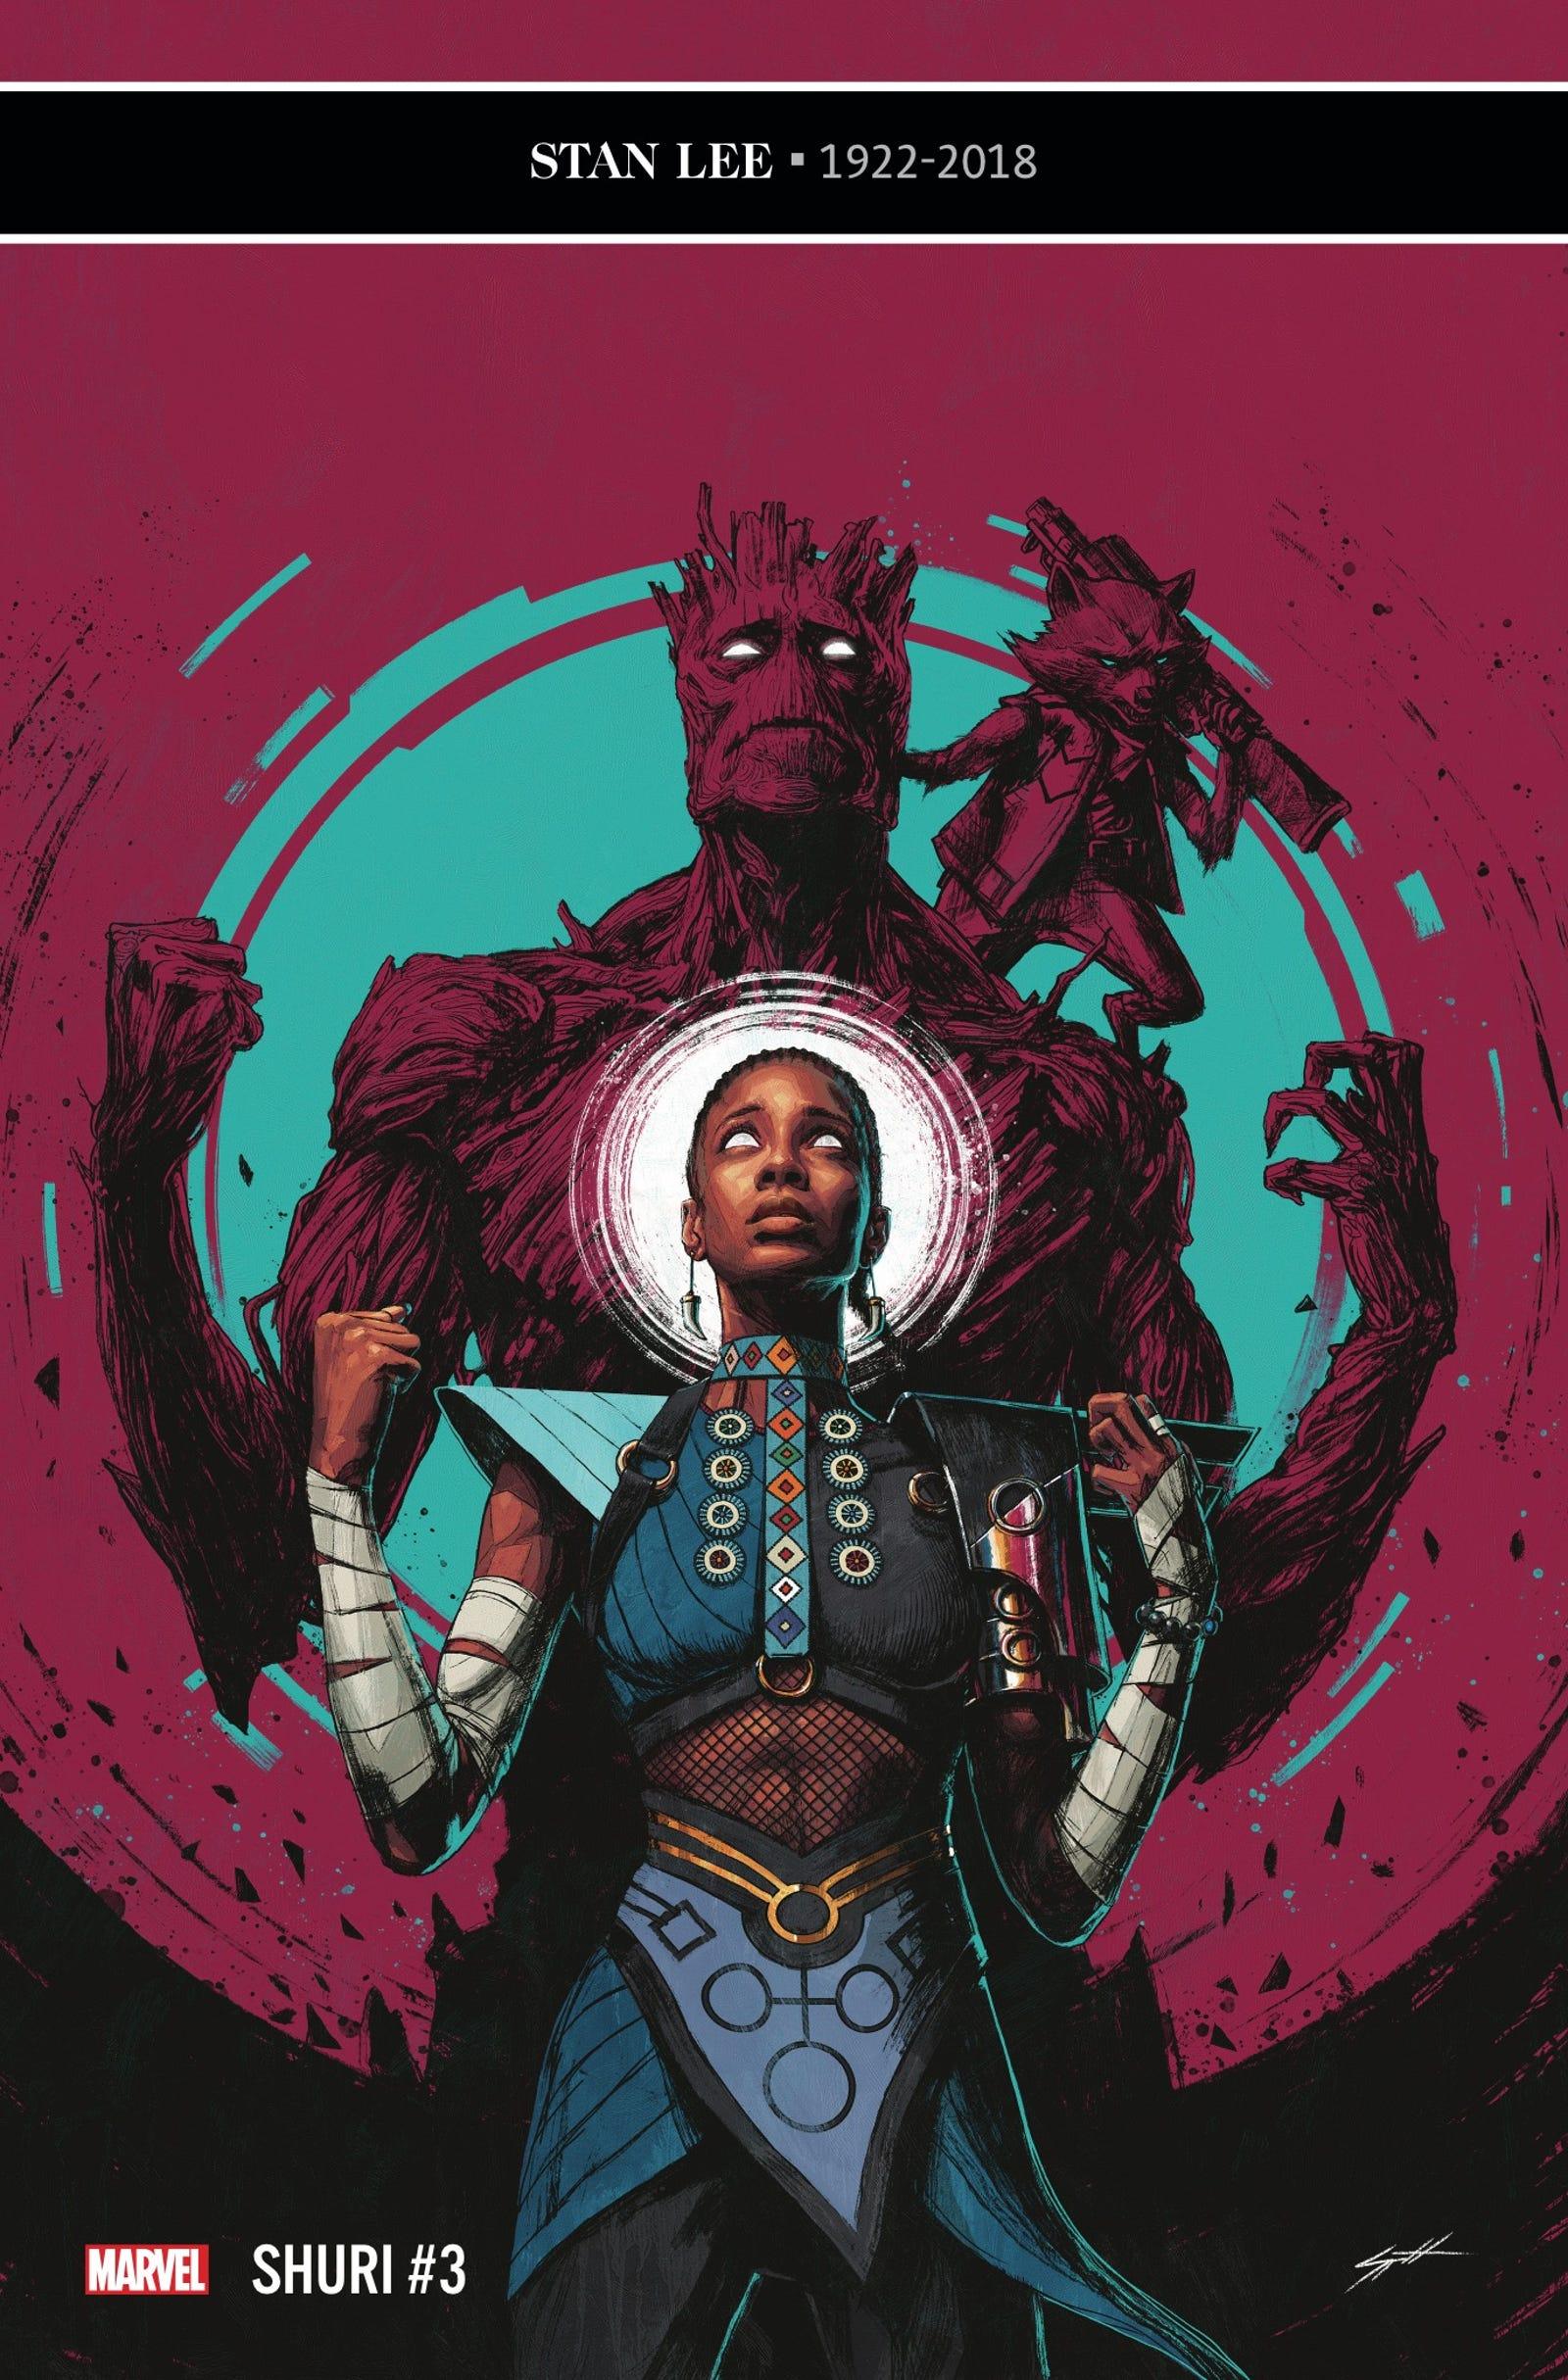 Cover by Sam Spratt